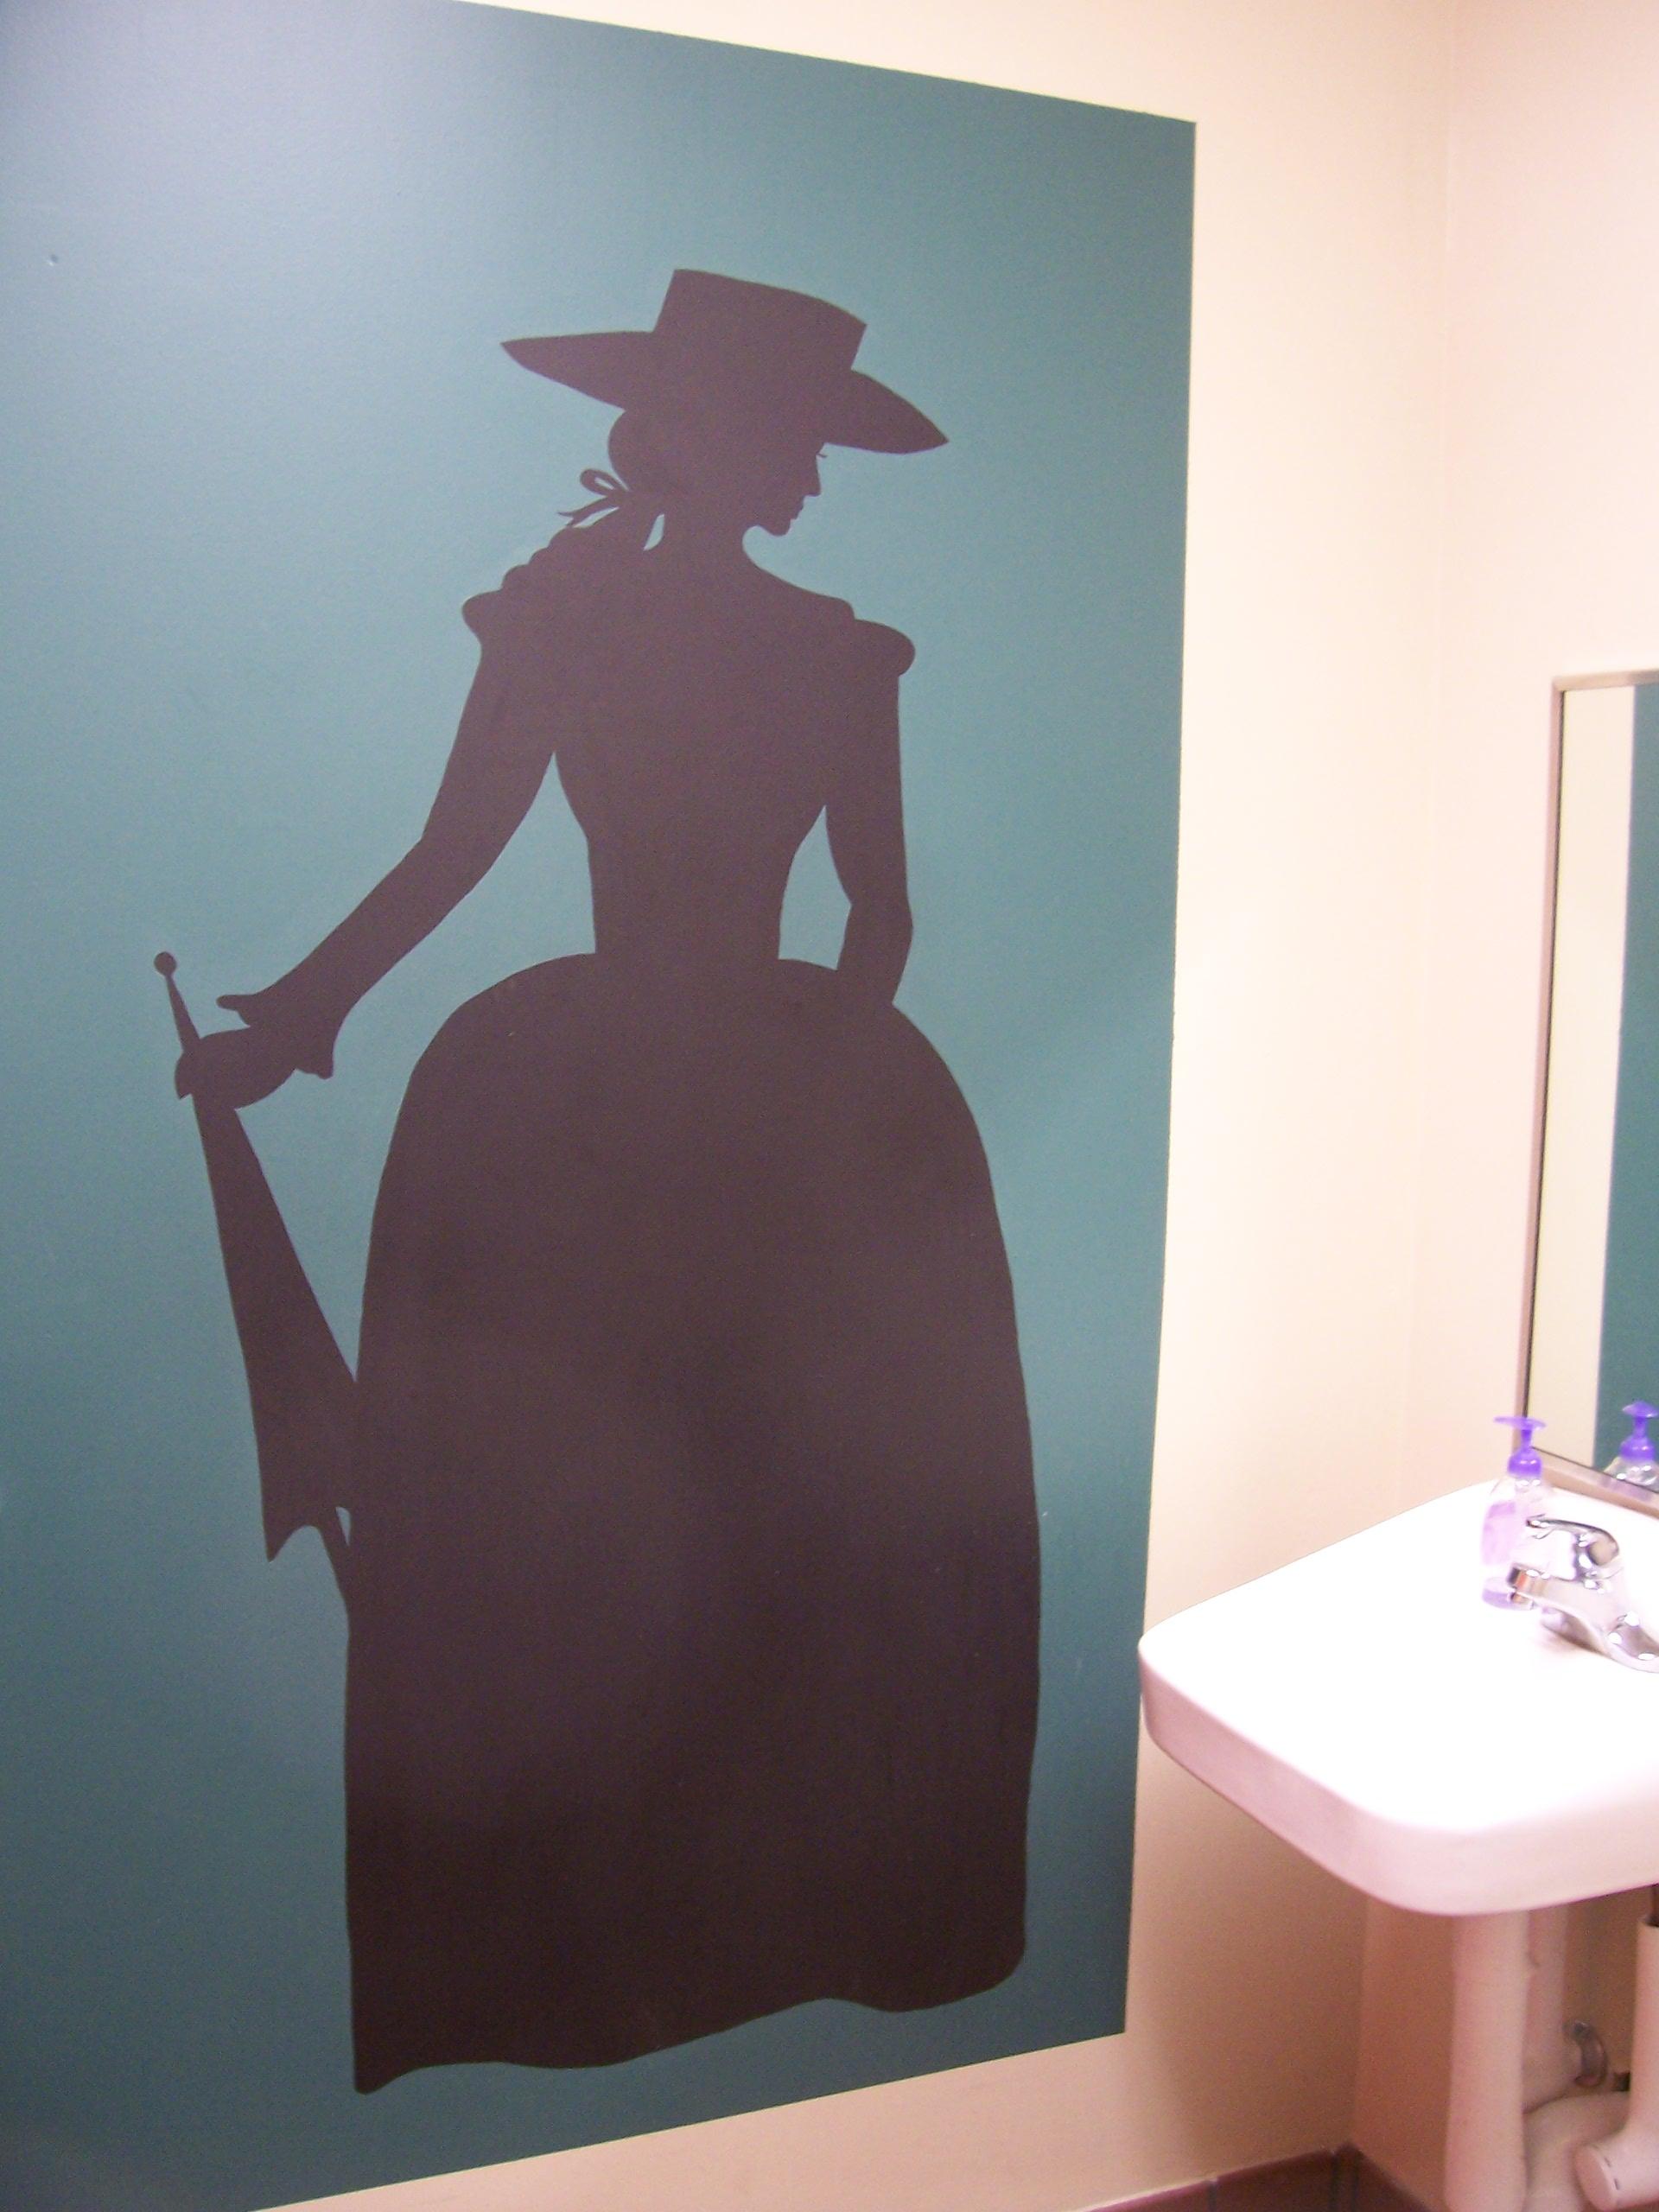 Women's restrooms